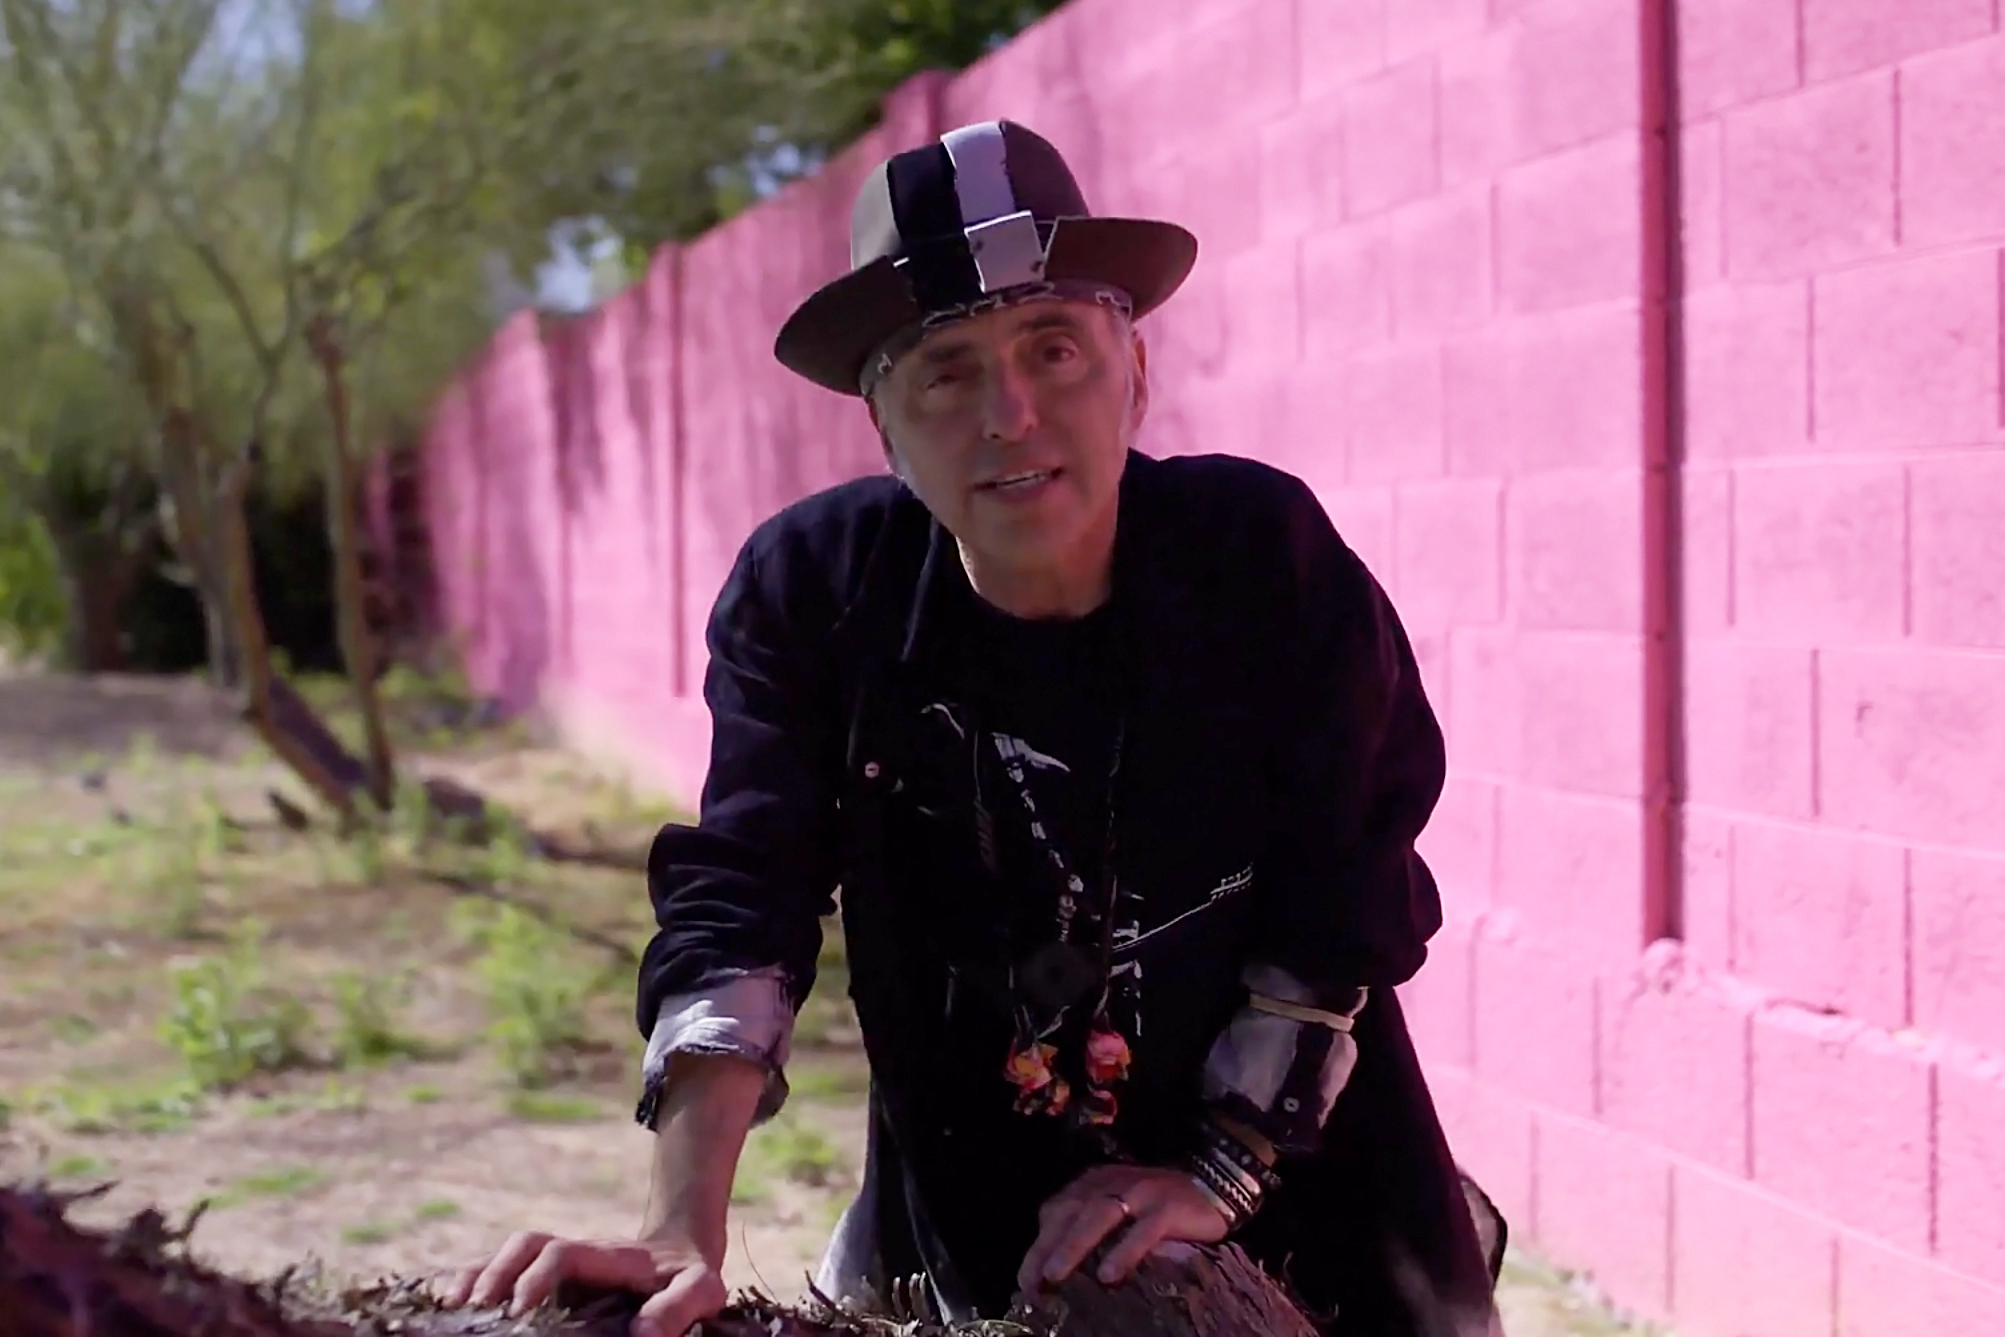 Watch Nils Lofgren Roam the Desert In 'Pretty Soon' Video